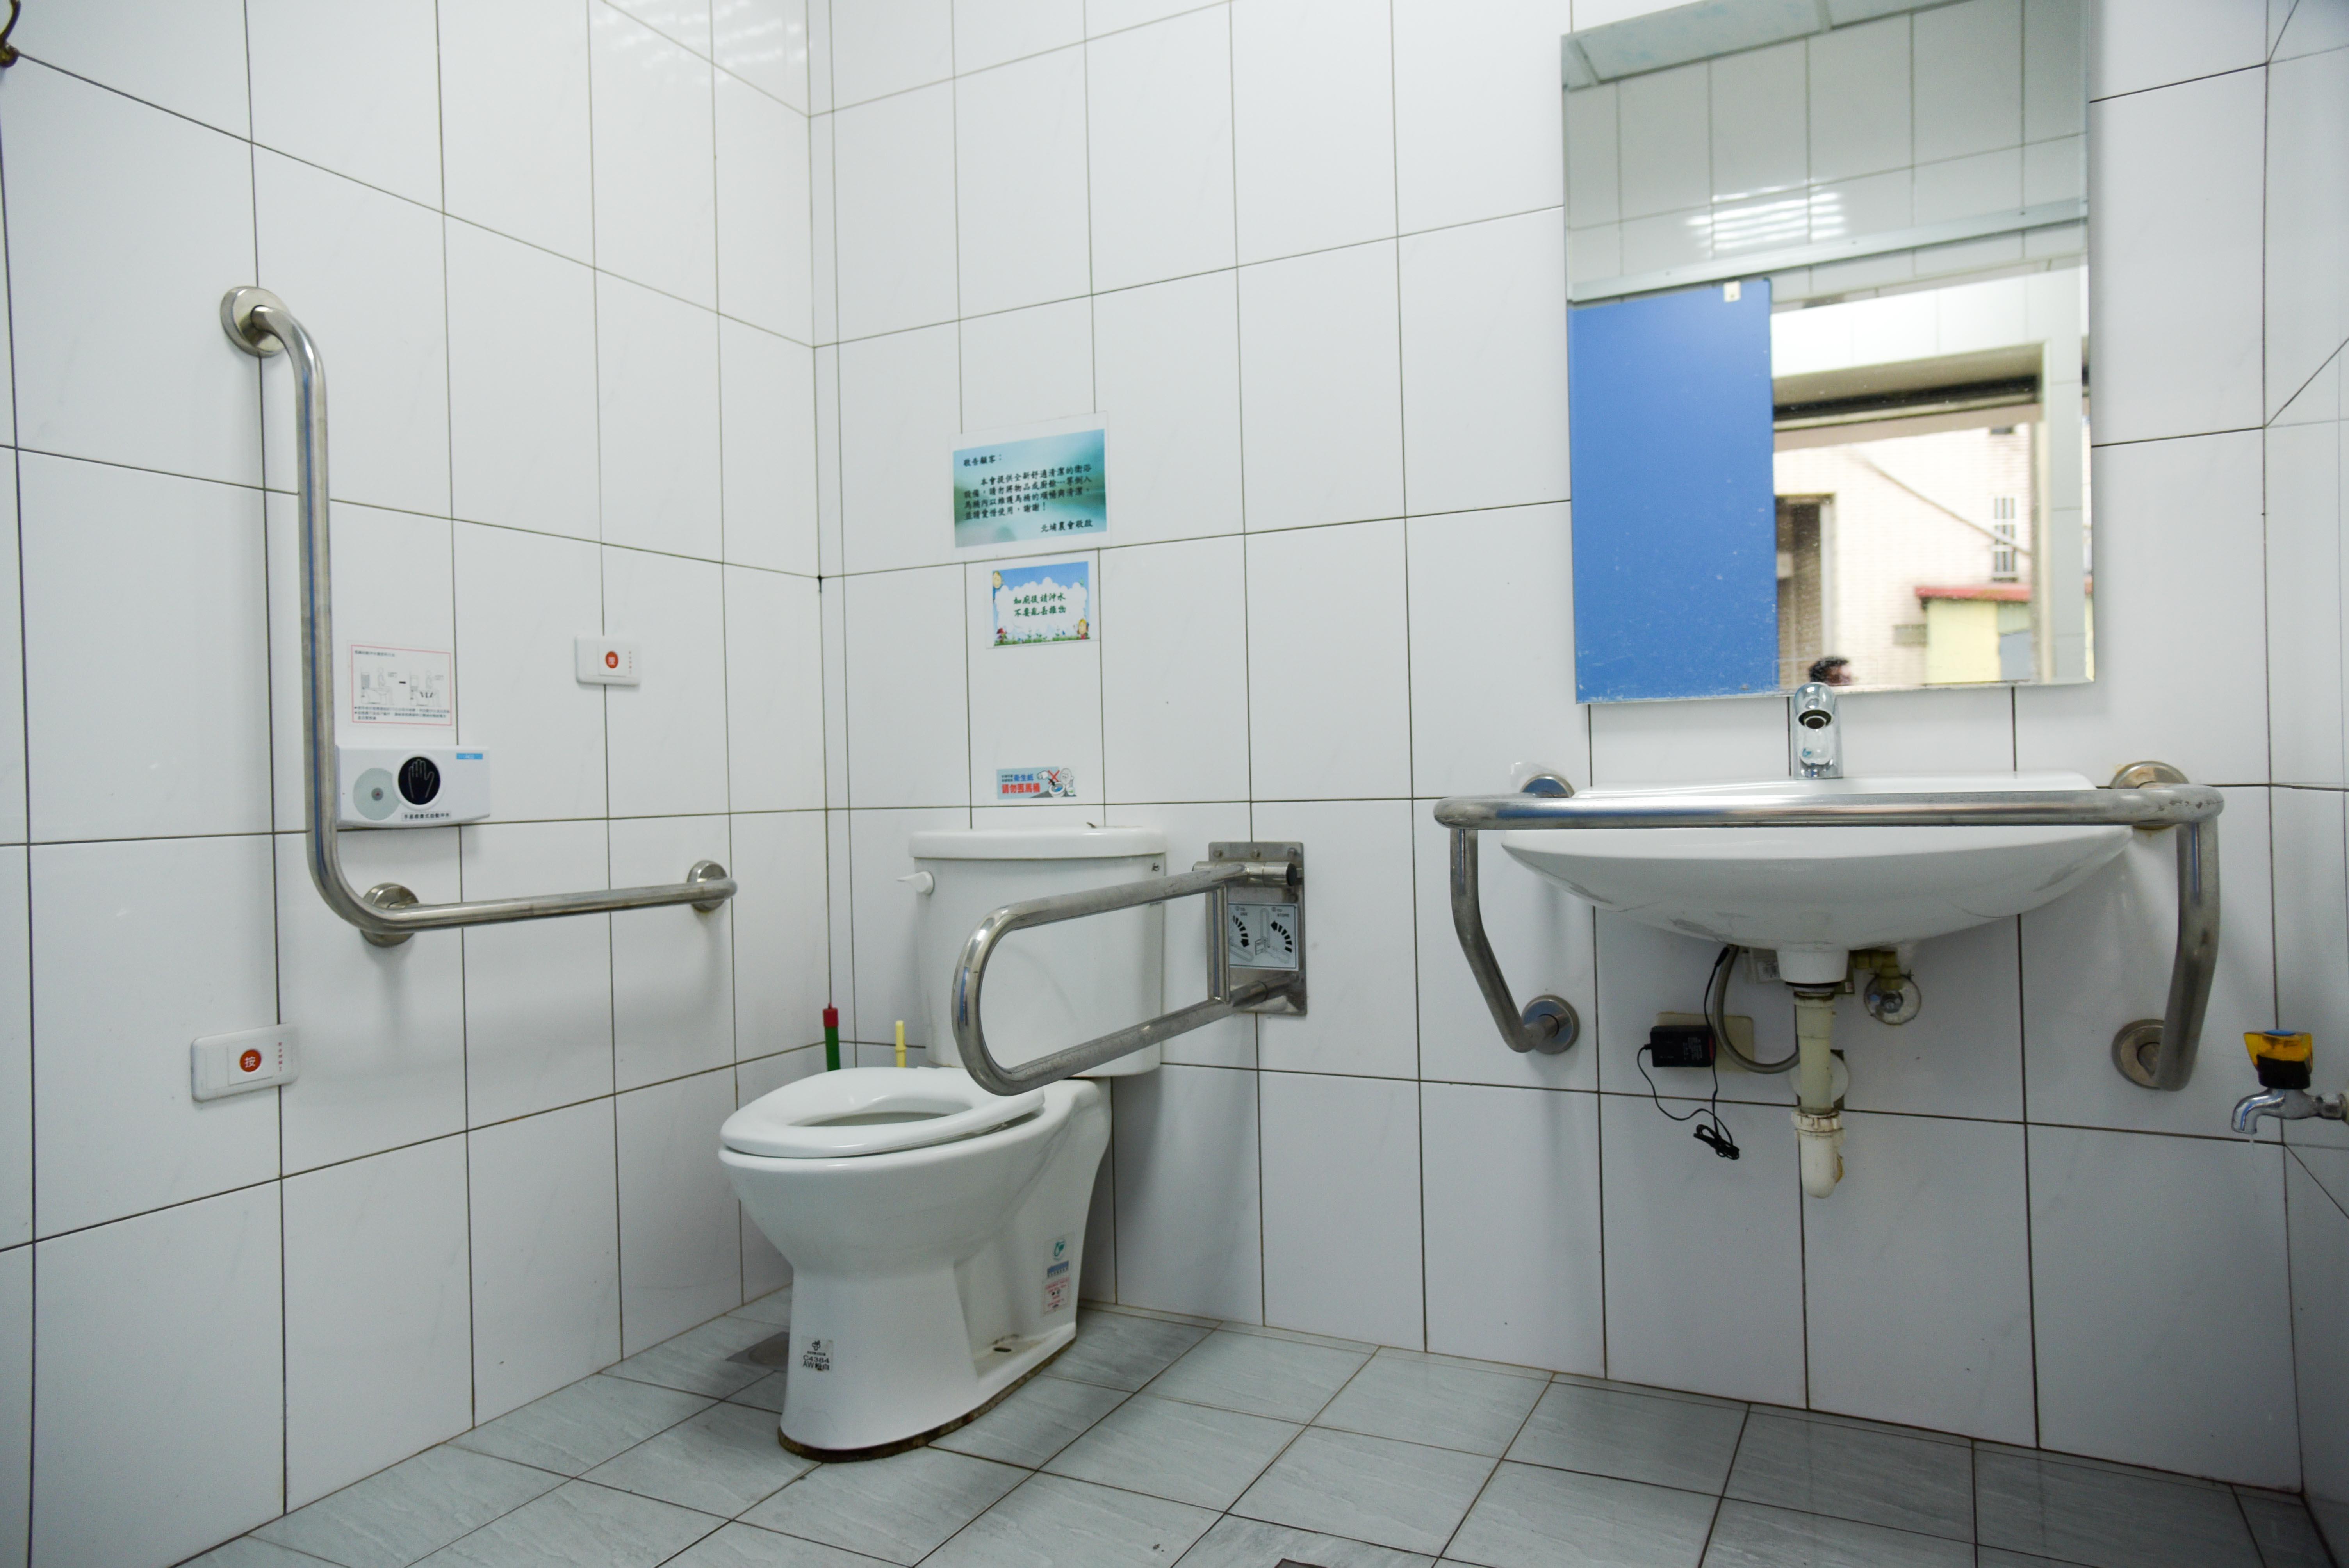 農民協会の車いす対応トイレの内部